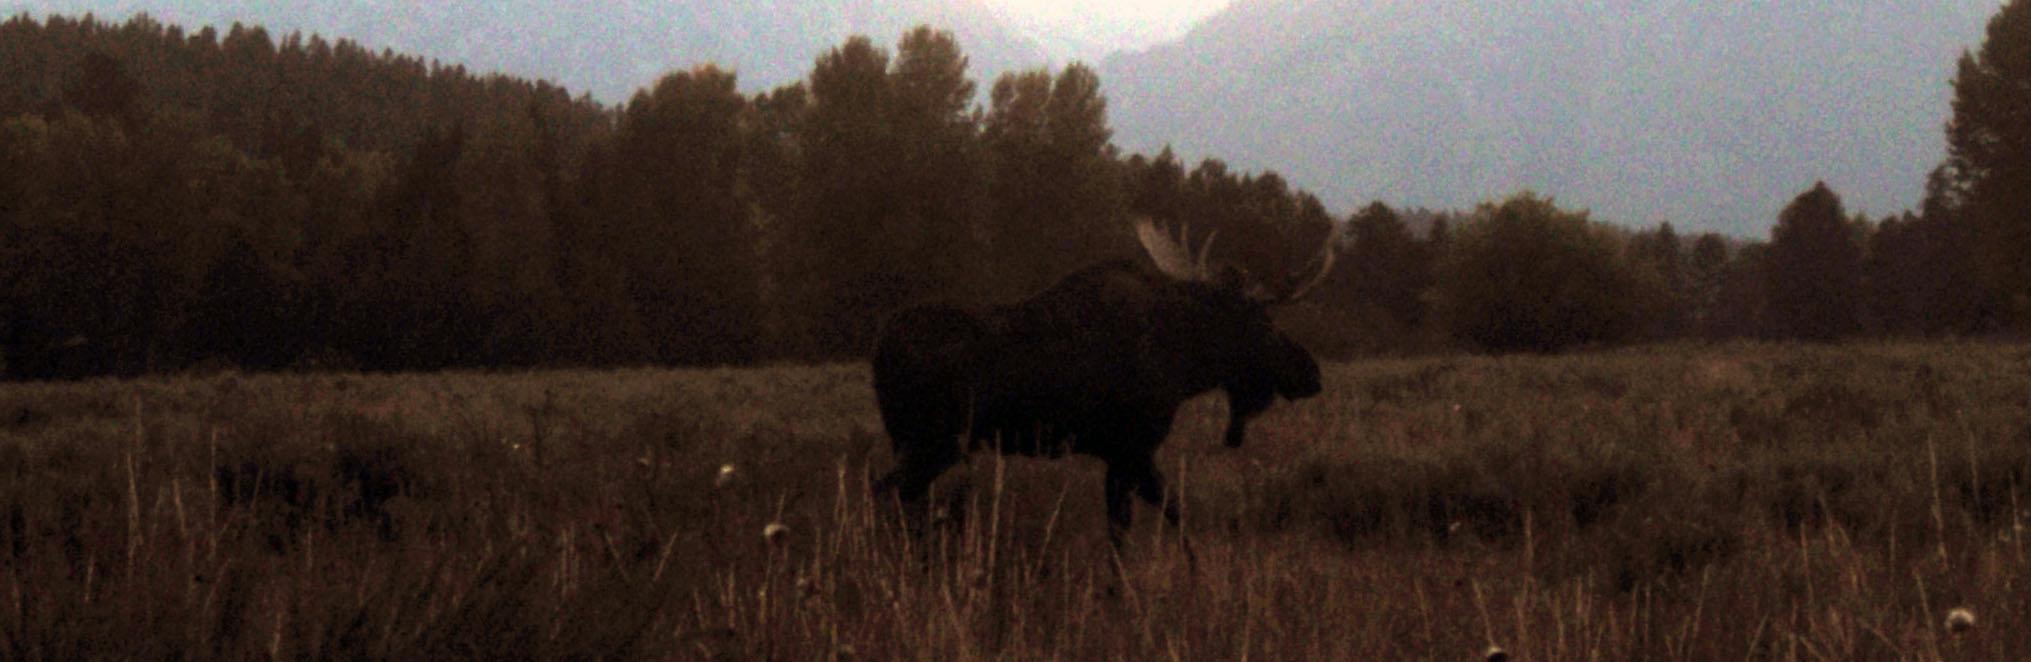 artsy moose.jpg